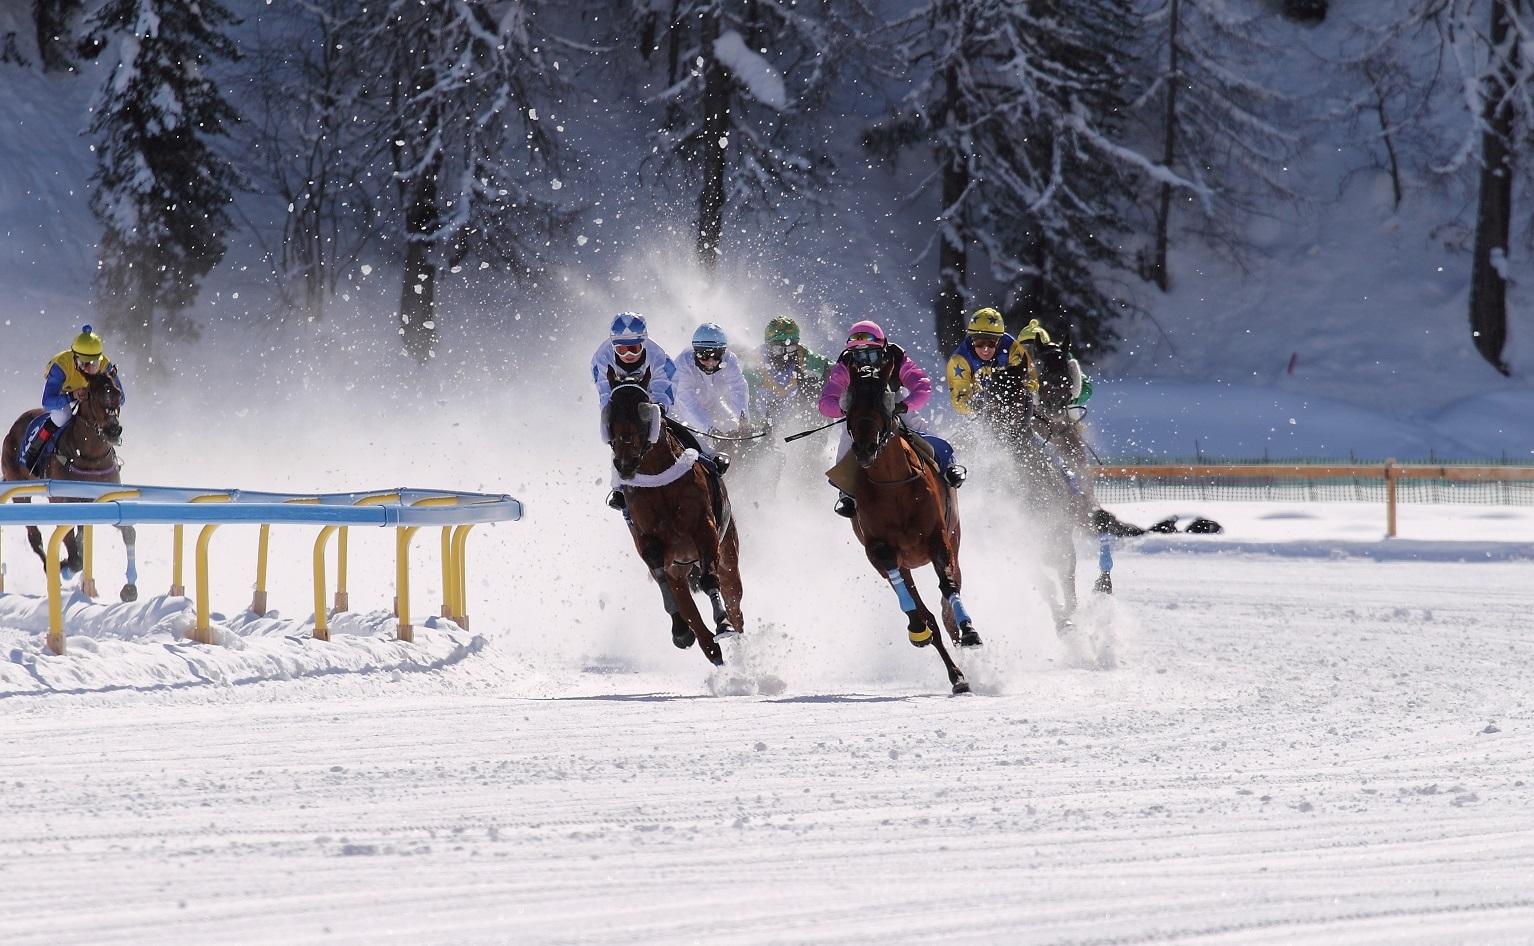 White Turf St.Moritz